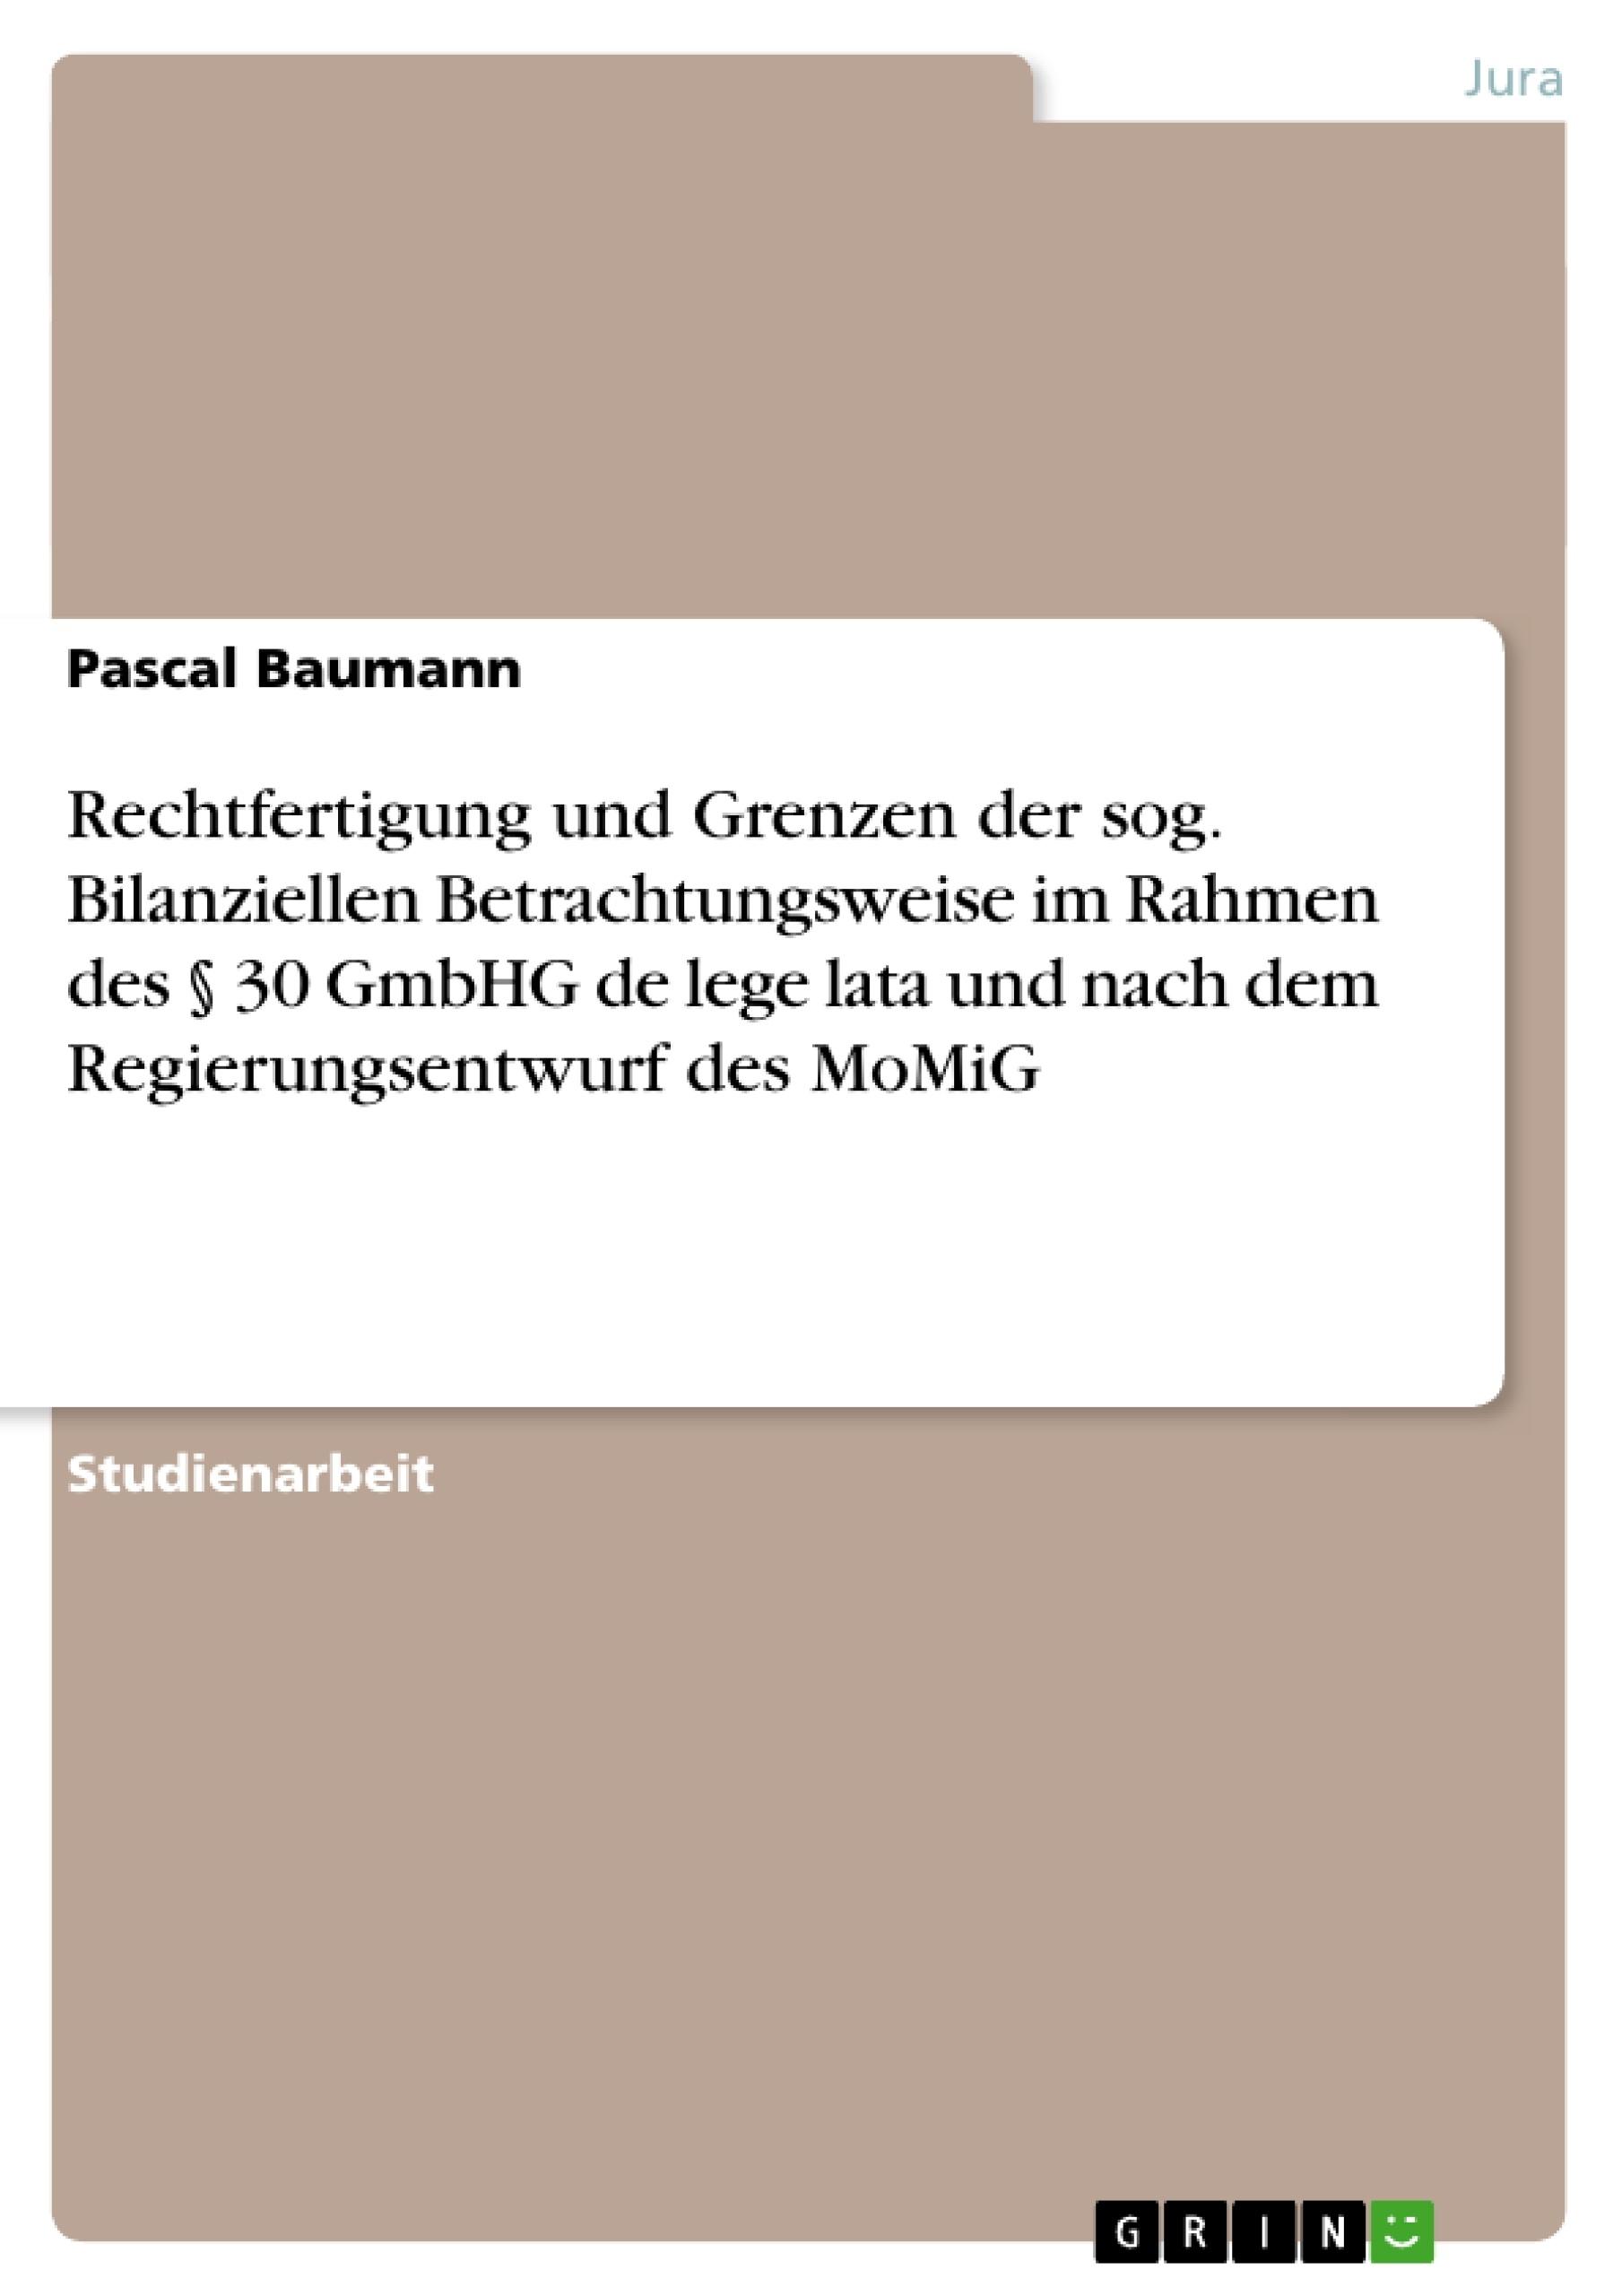 Titel: Rechtfertigung und Grenzen der sog. Bilanziellen Betrachtungsweise im Rahmen des § 30 GmbHG de lege lata und nach dem Regierungsentwurf des MoMiG